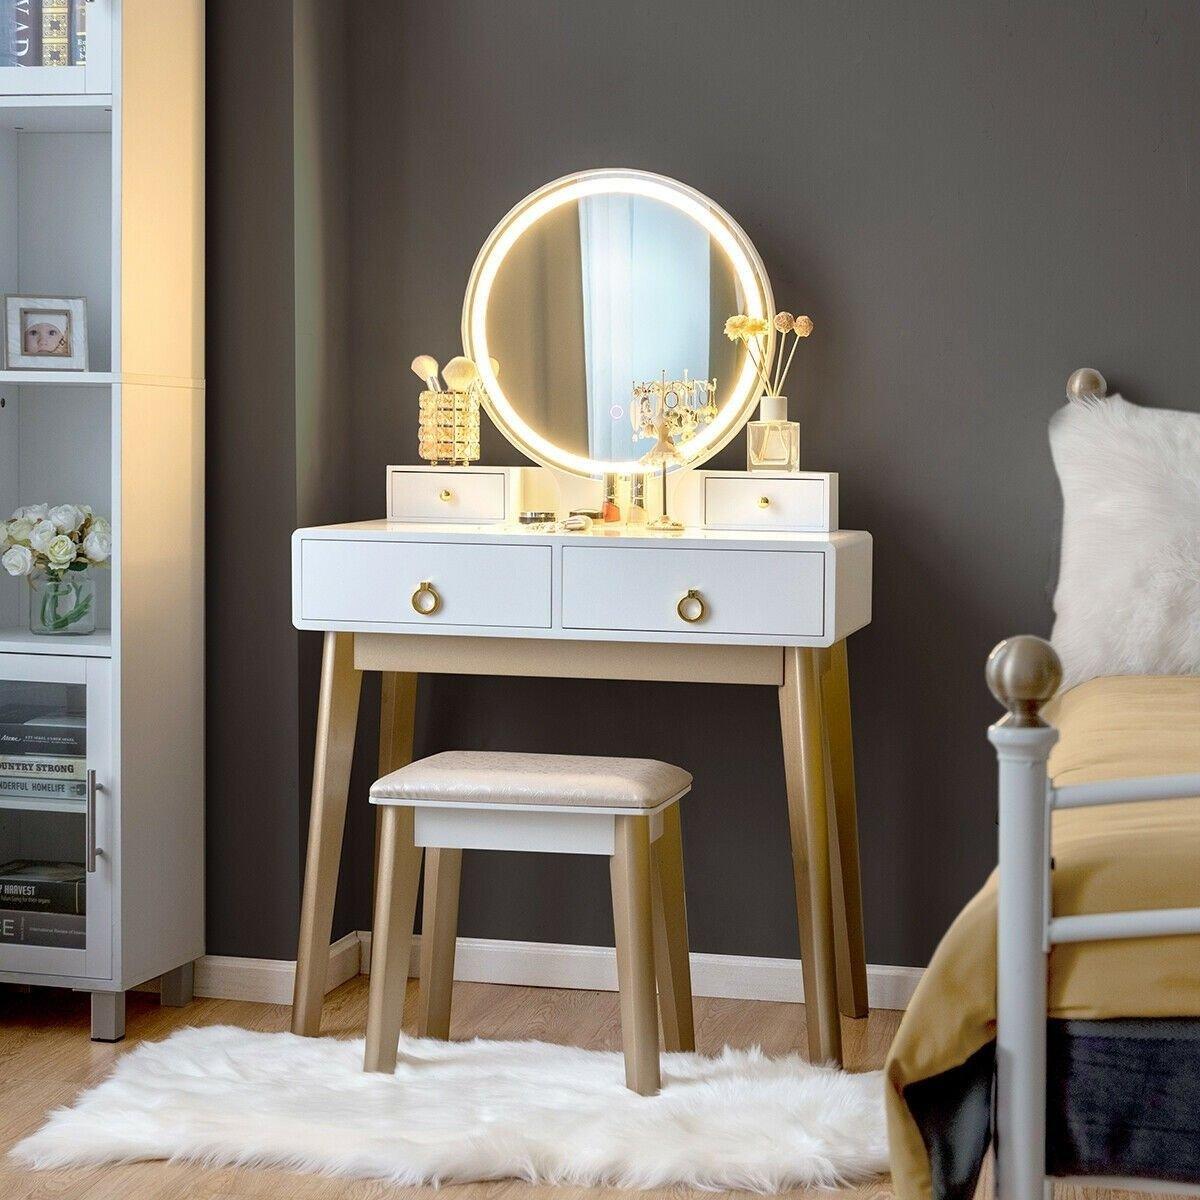 Bedroom Vanities with Light Fresh Set 3 Makeup Vanity Table Color Lighting Jewelry Divider